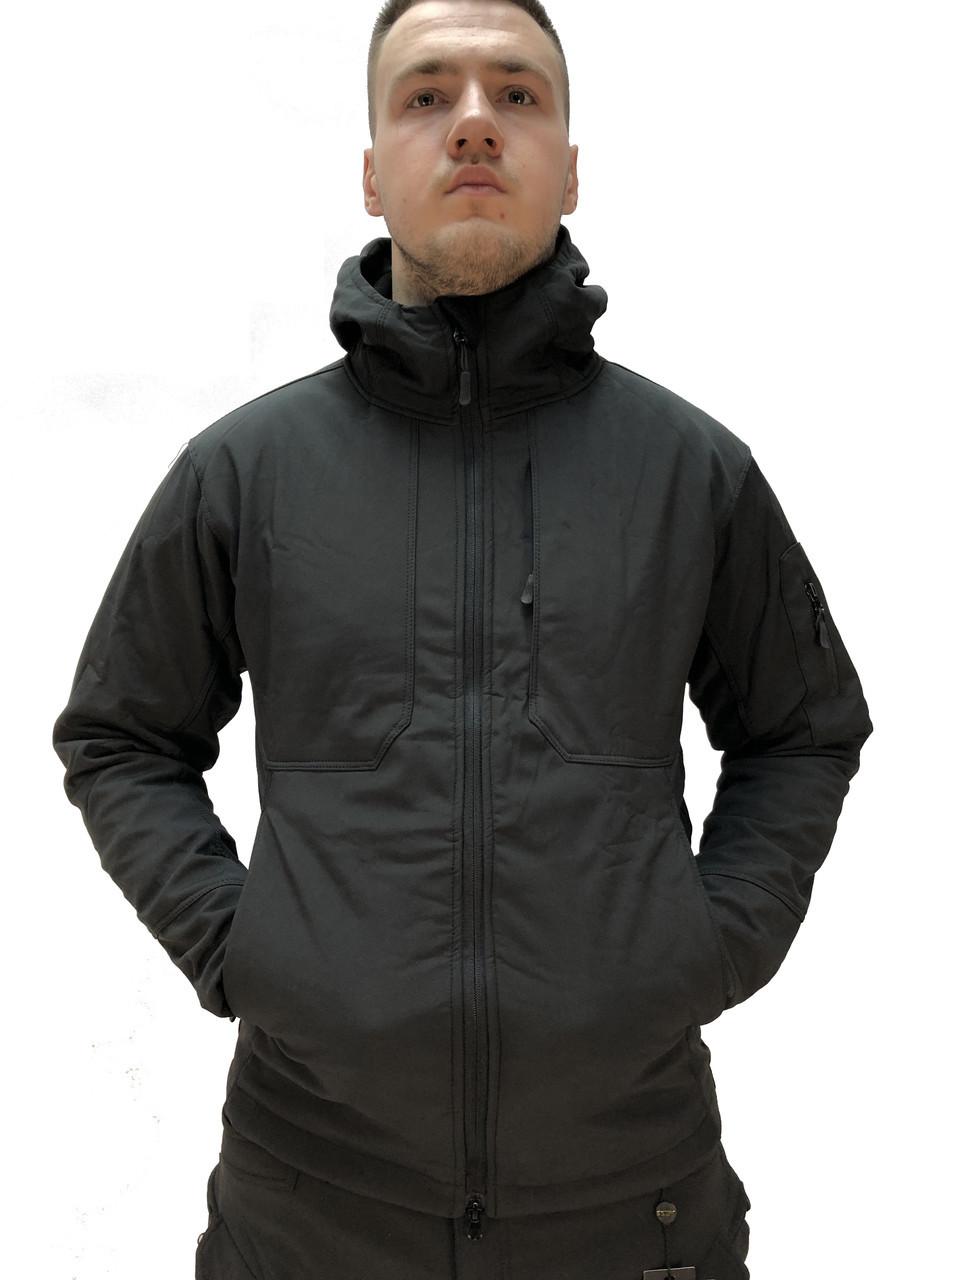 Тактическая куртка Демисезонная ESDY SoftShell Urban Black